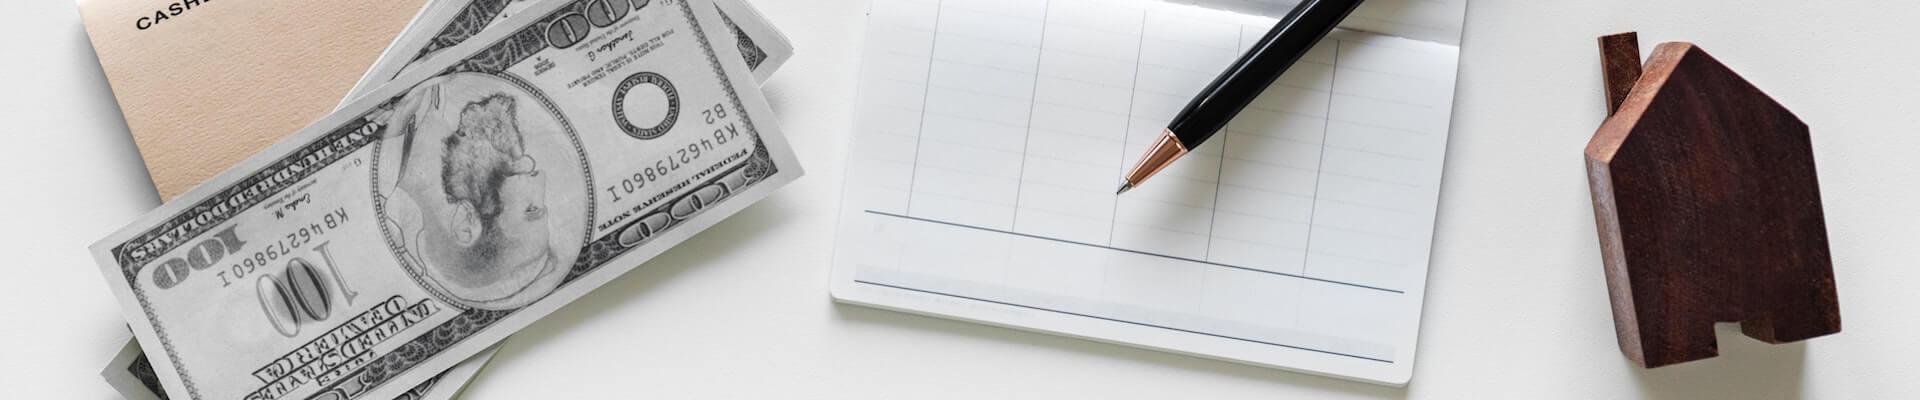 Schreibtisch mit Kugelschreiber, Papier und kleinem Holzhaus